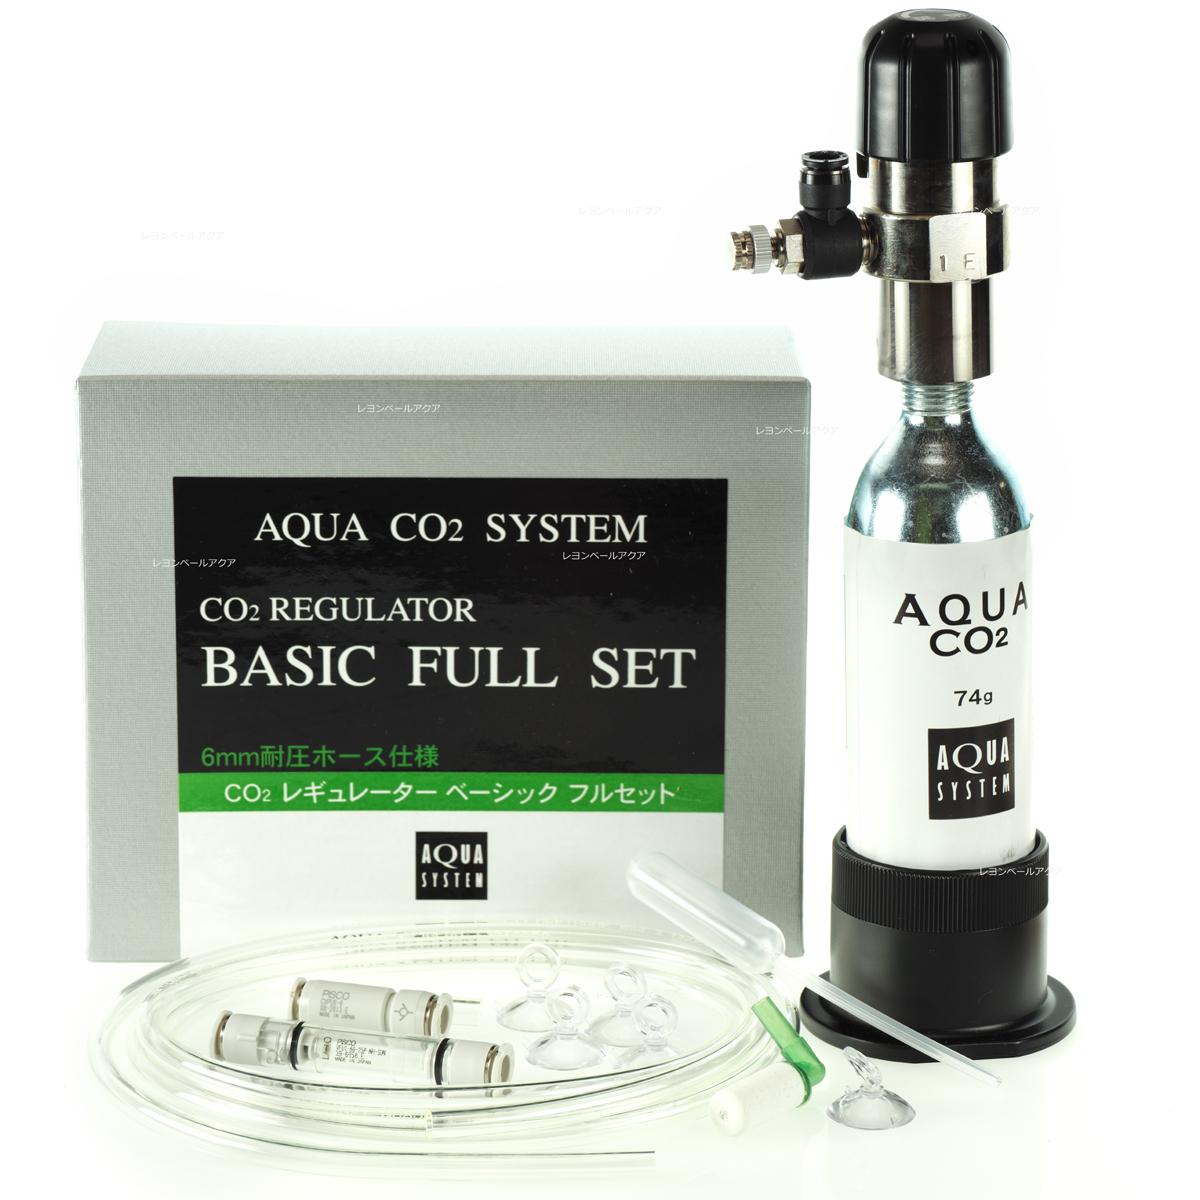 【全国送料無料】【在庫有り!!即OK】アクアシステム AQUA CO2システム ベーシック フルセット(6mm耐圧ホース仕様)(グリーンパッケージ)